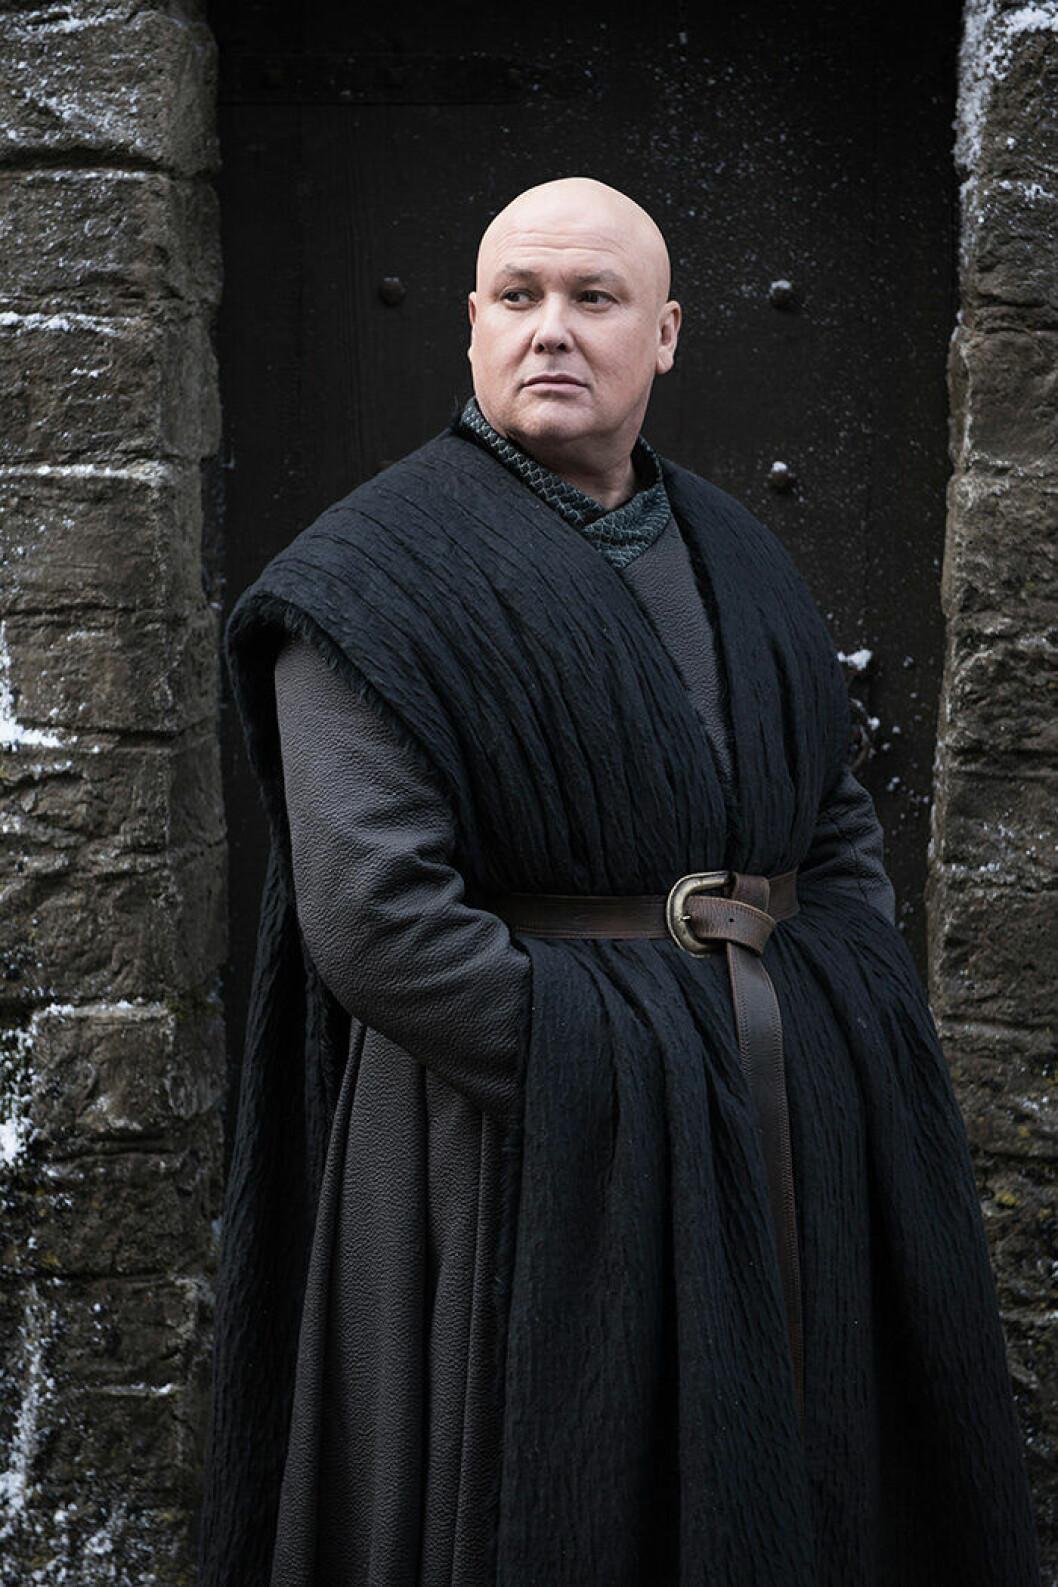 En bild på karaktären Varys från tv-serien Game of Thrones.